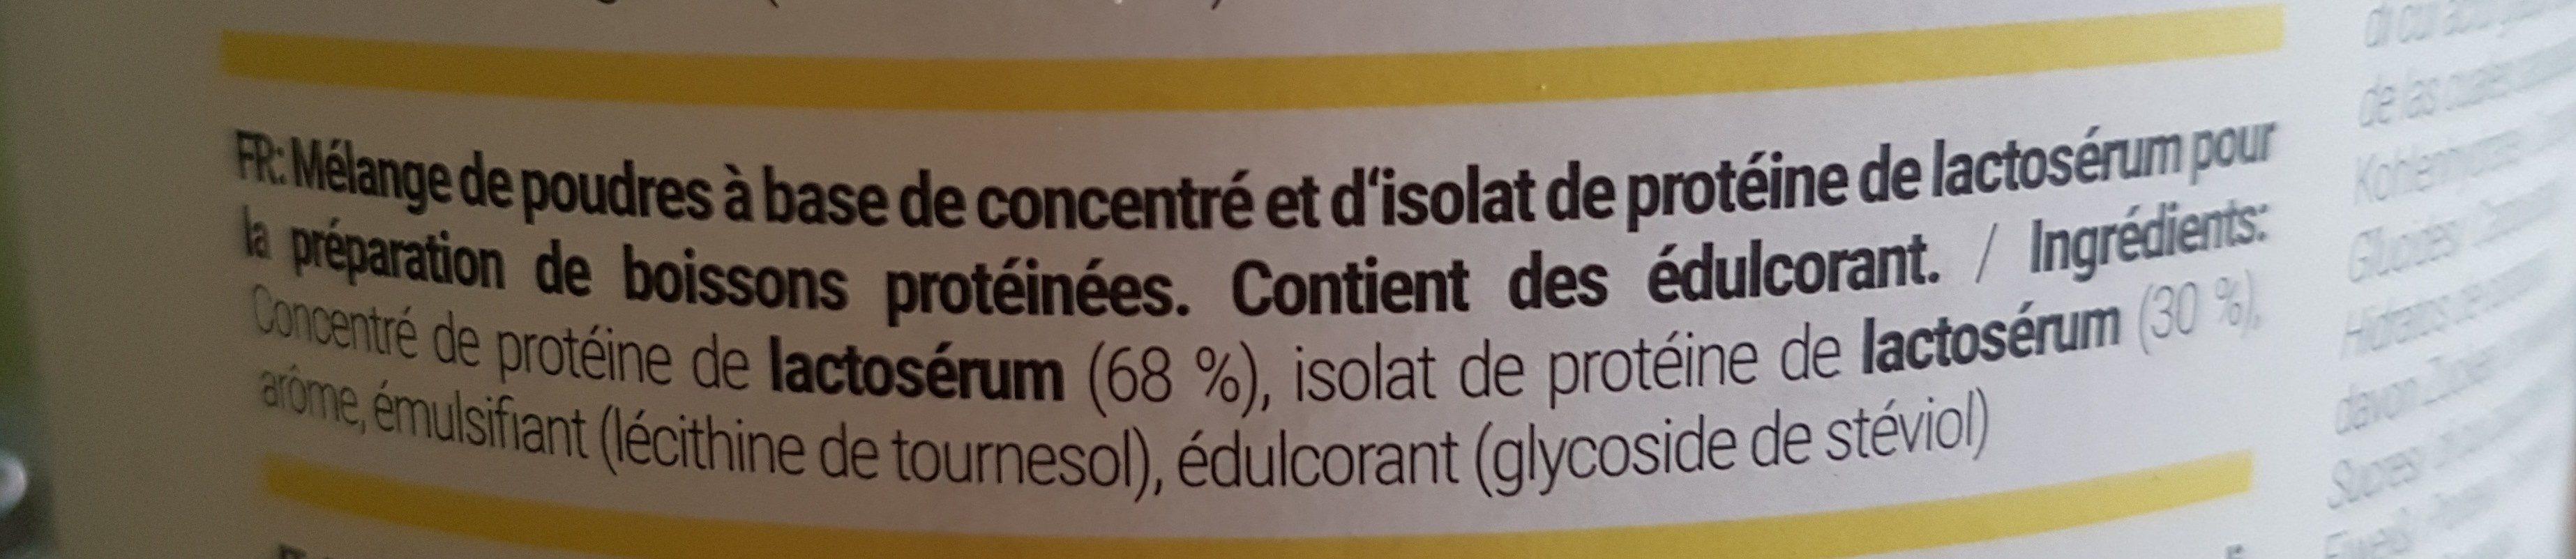 Hey protéine - Ingredientes